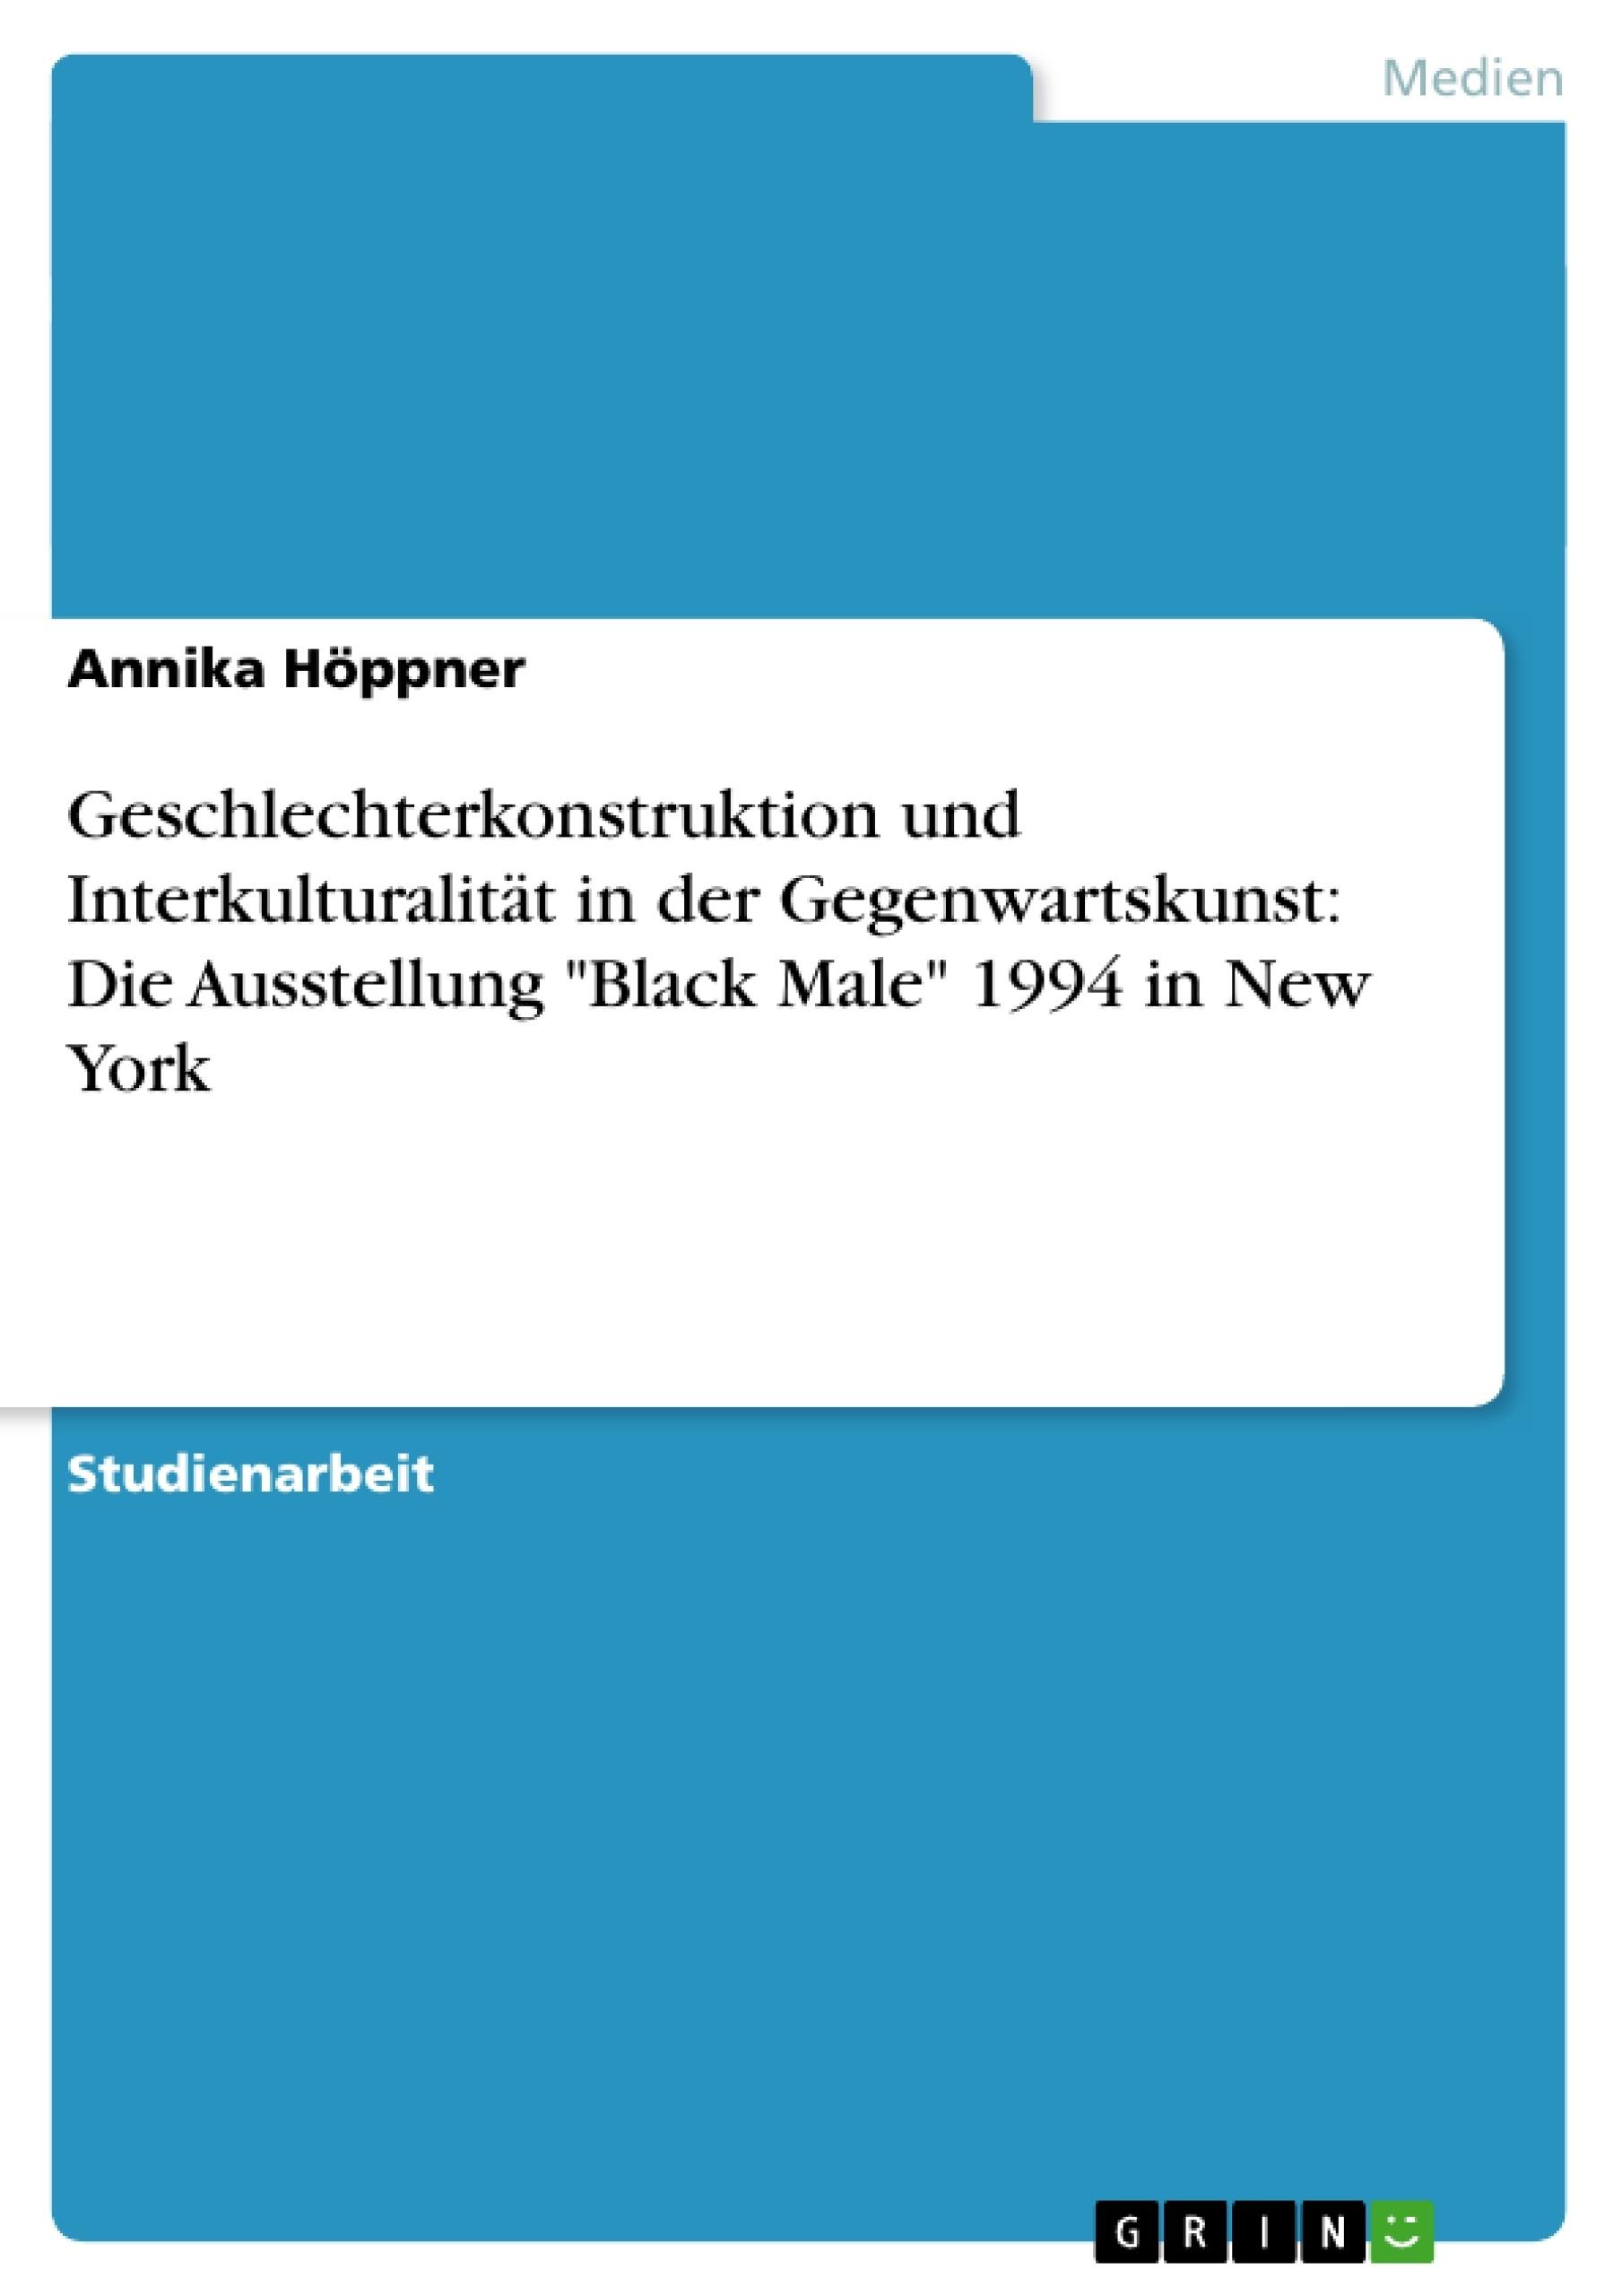 """Titel: Geschlechterkonstruktion und Interkulturalität in der Gegenwartskunst: Die Ausstellung """"Black Male"""" 1994 in New York"""